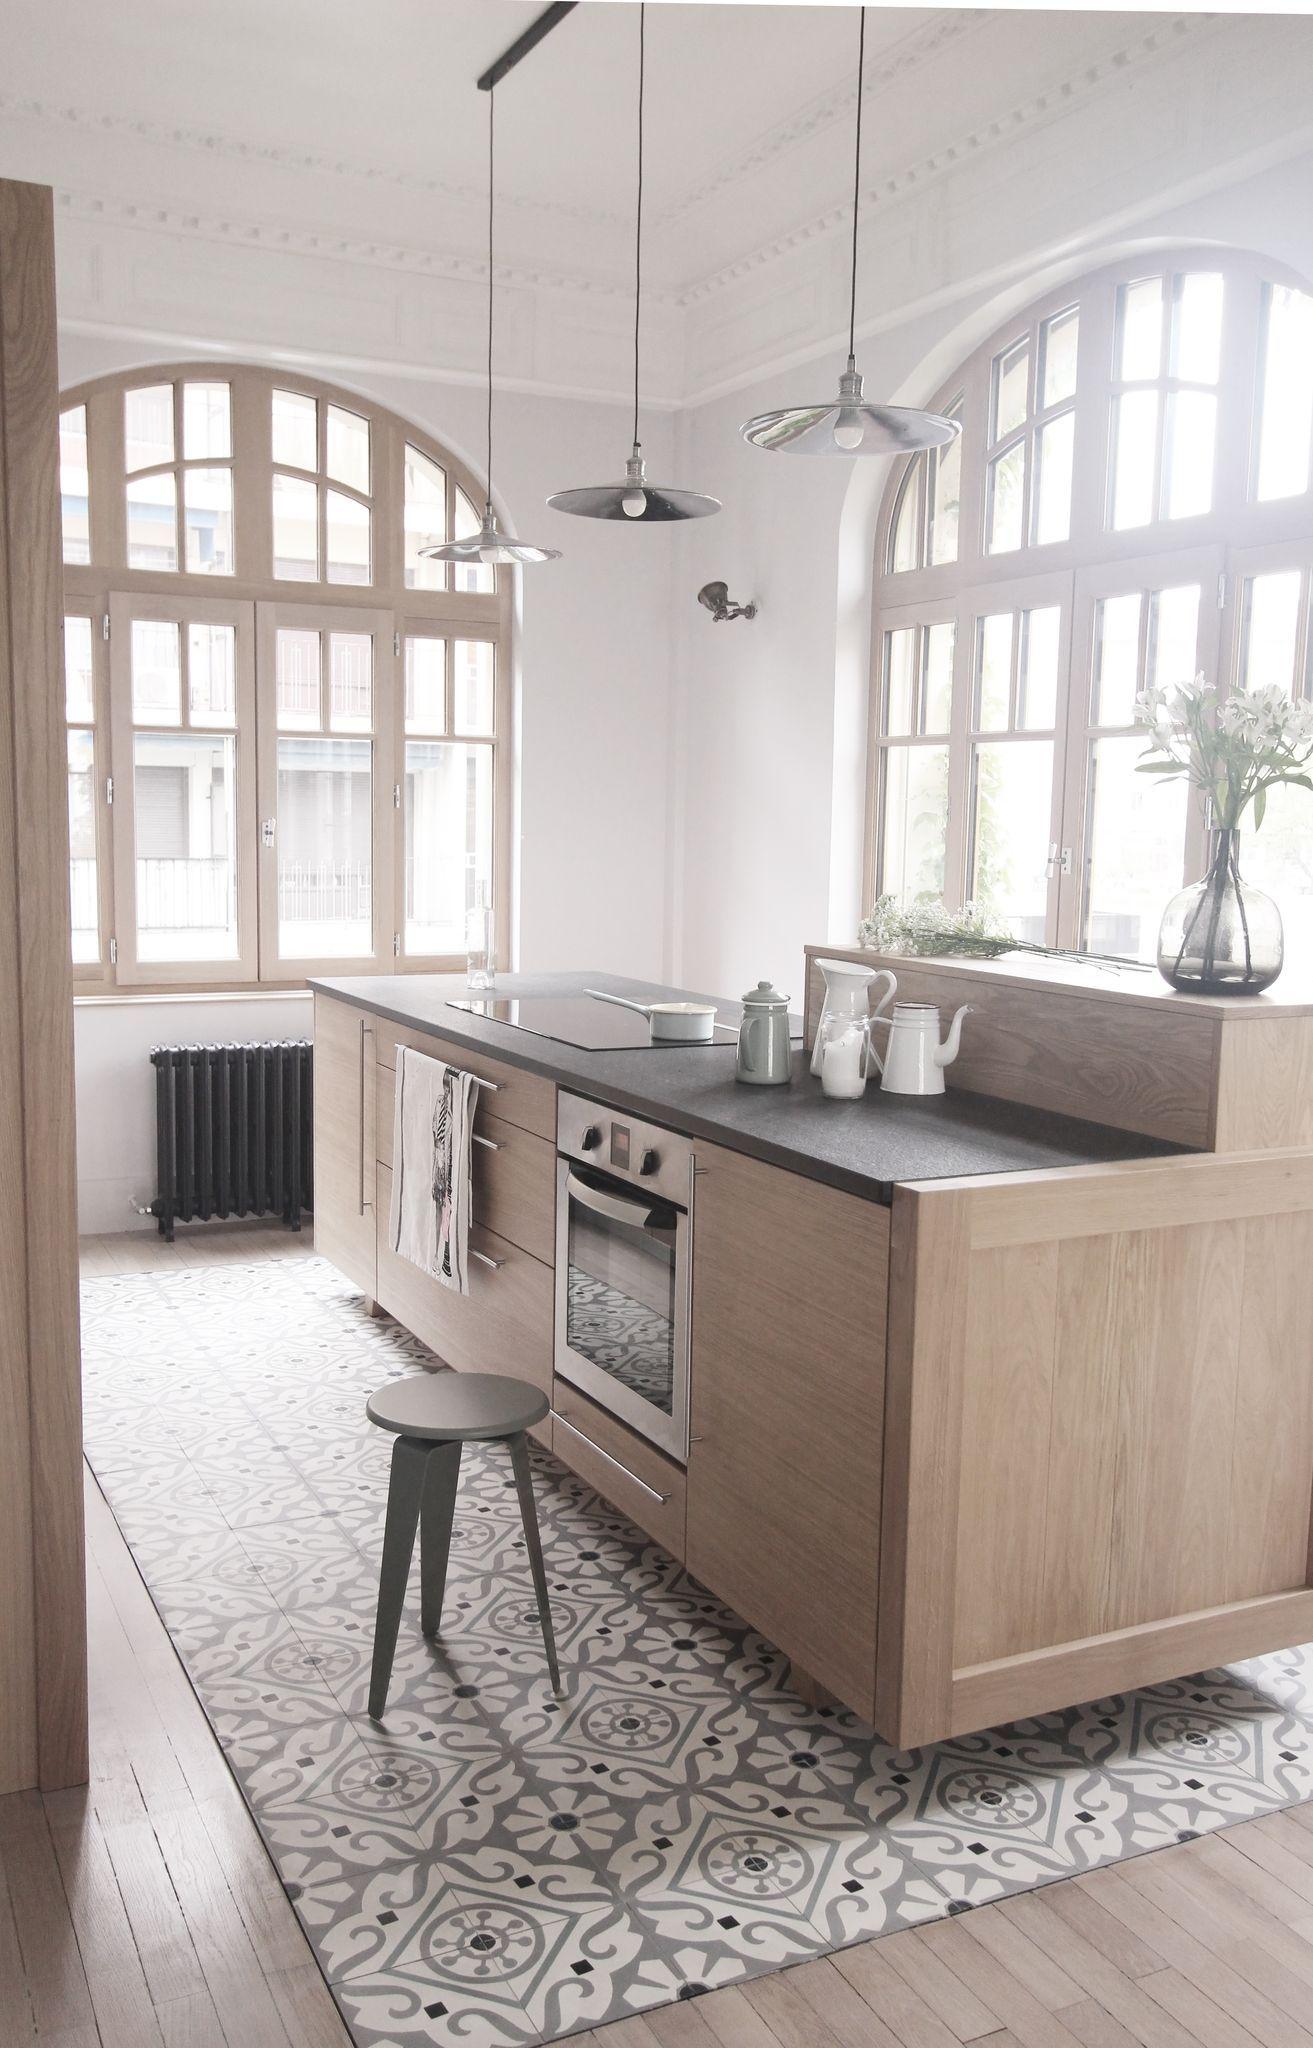 Küche und bad design die richtige fliesenfarbe für ihre kücheihr bad aussuchen  cuines